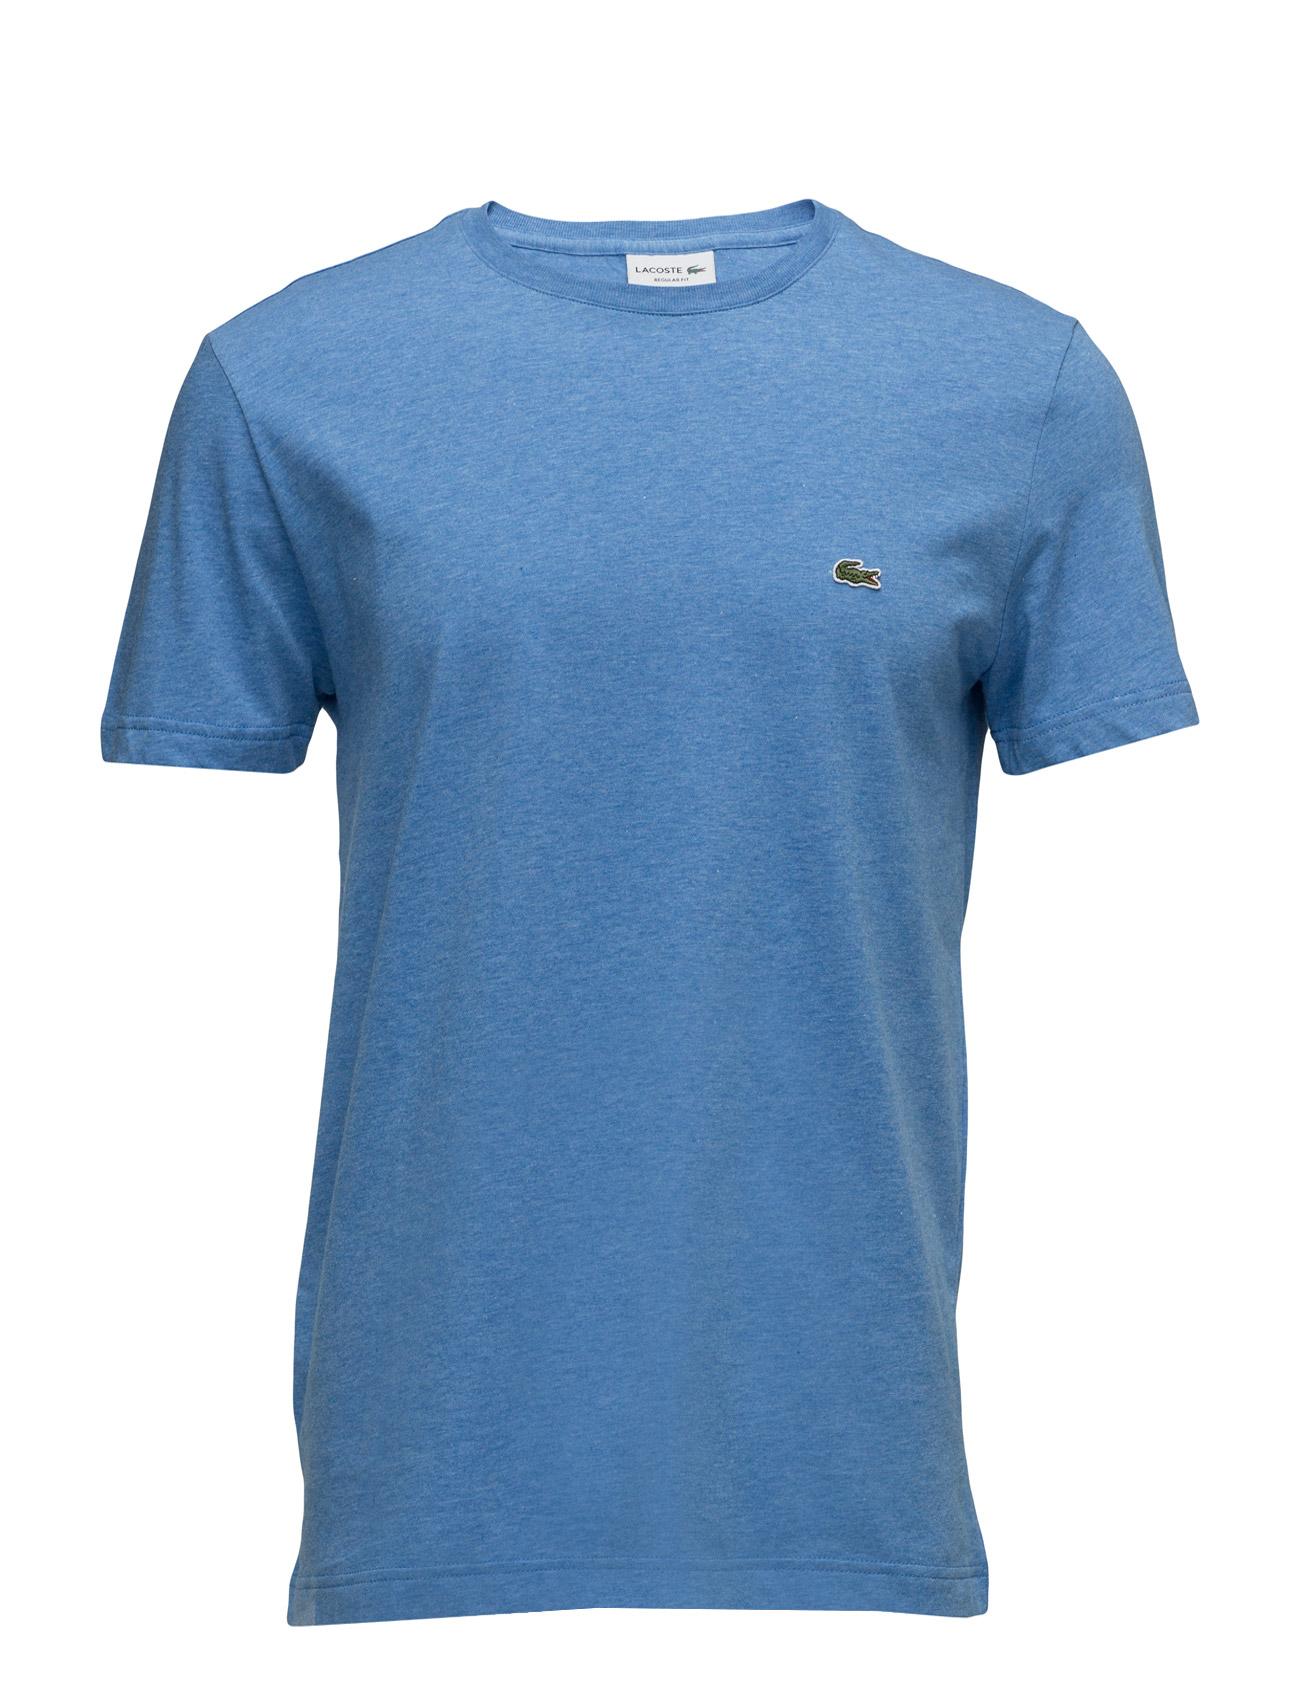 Tee ShirtTurtle Neck (2722138793)